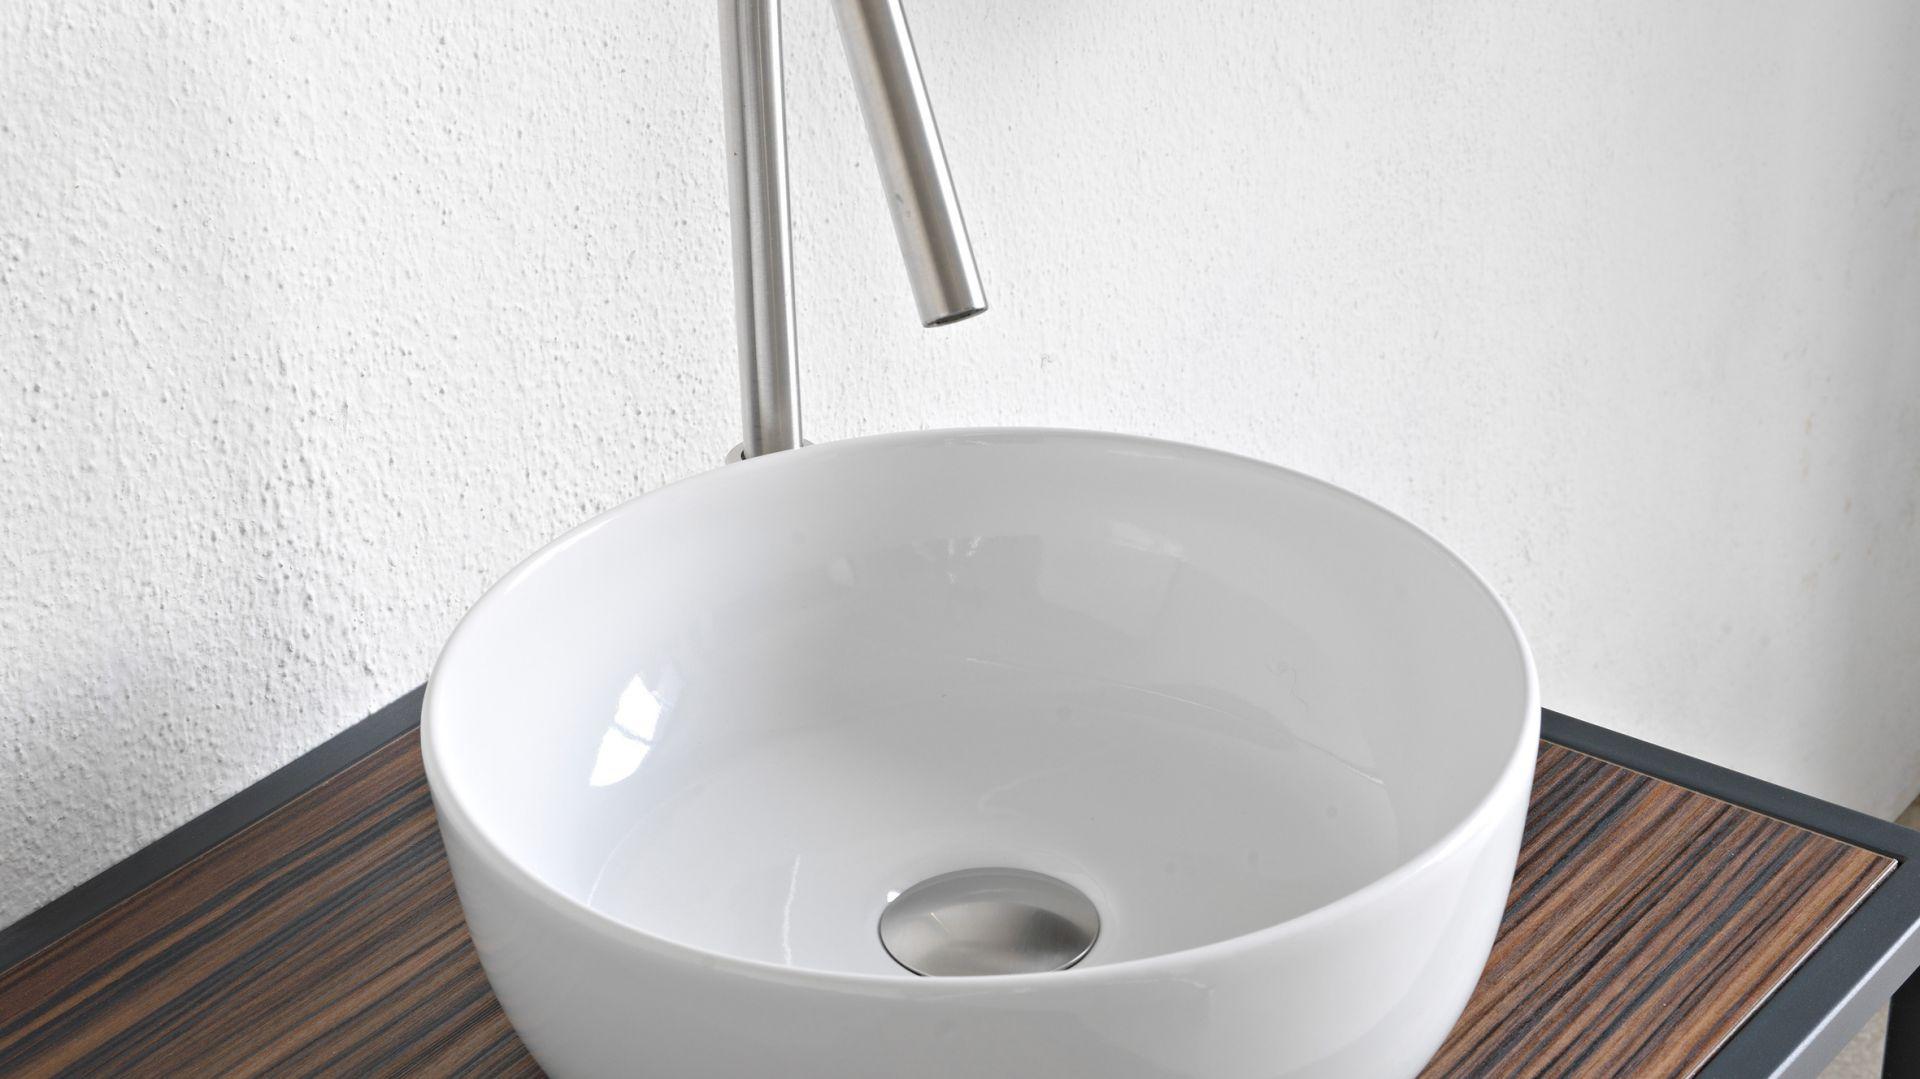 Nablatowa umywalka z kolekcji Glam marki Scarabeo Ceramiche. Fot. Scarabeo Ceramiche